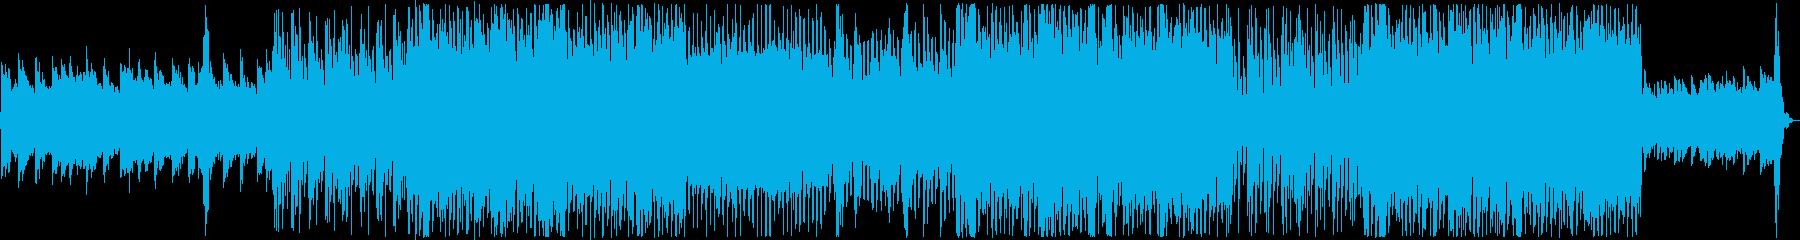 ロックポップ。ソフト、メロディック...の再生済みの波形